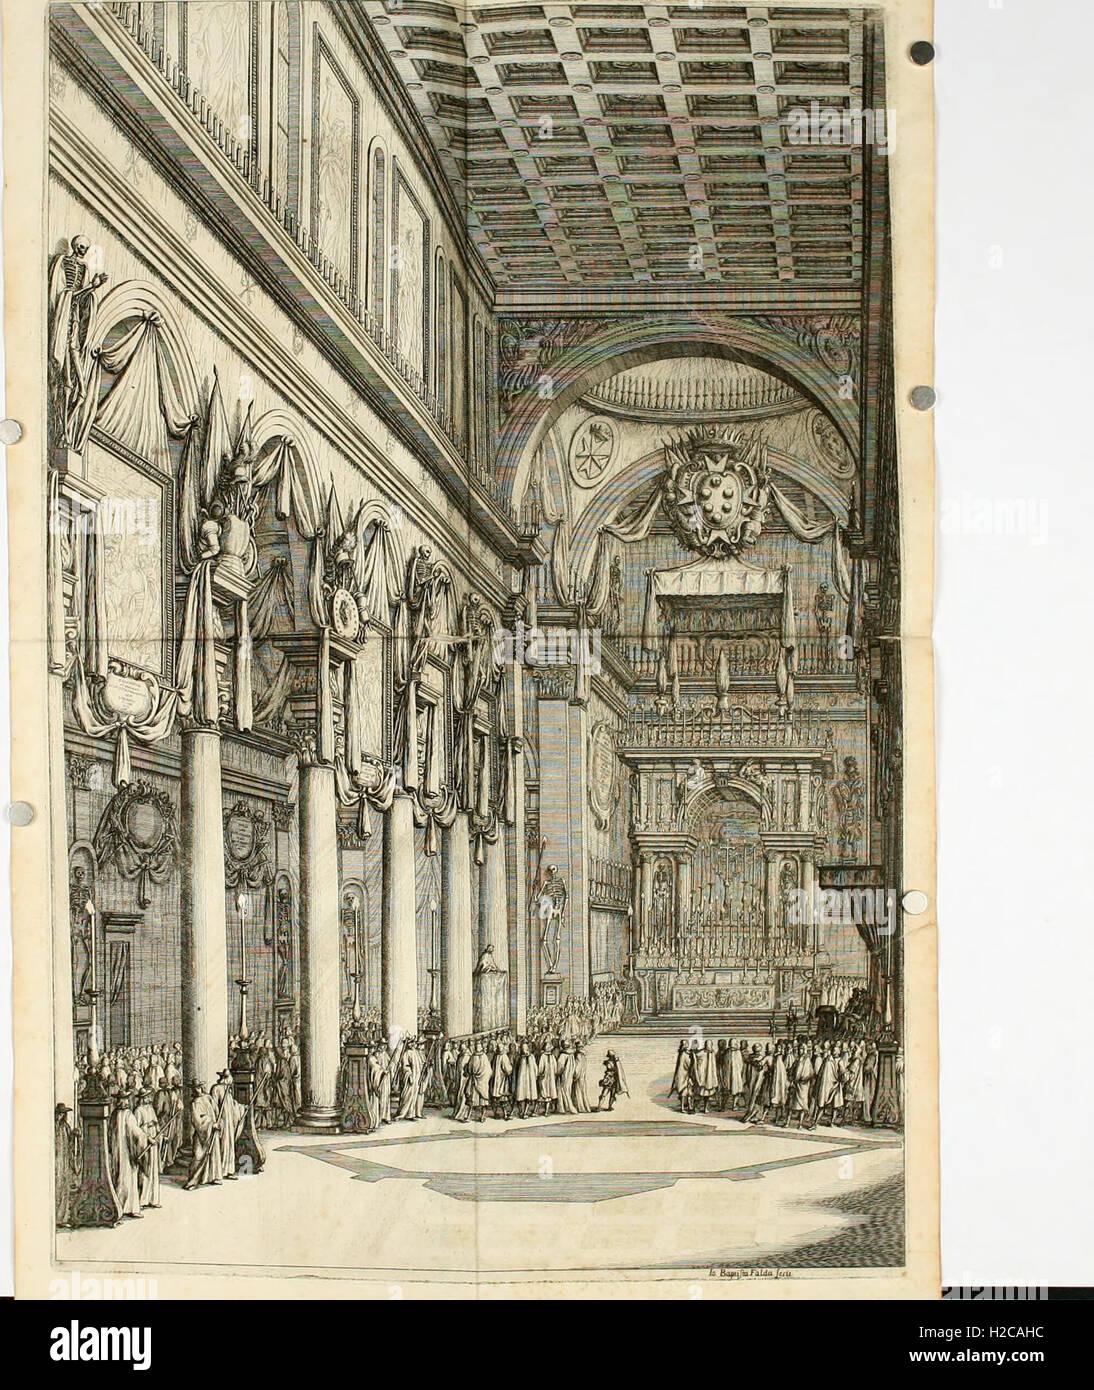 Esequie del serenissimo Ferdinando II, gran duca di Toscana celebrate in Firenze dal serenissimo gran duca Cosimo Stock Photo